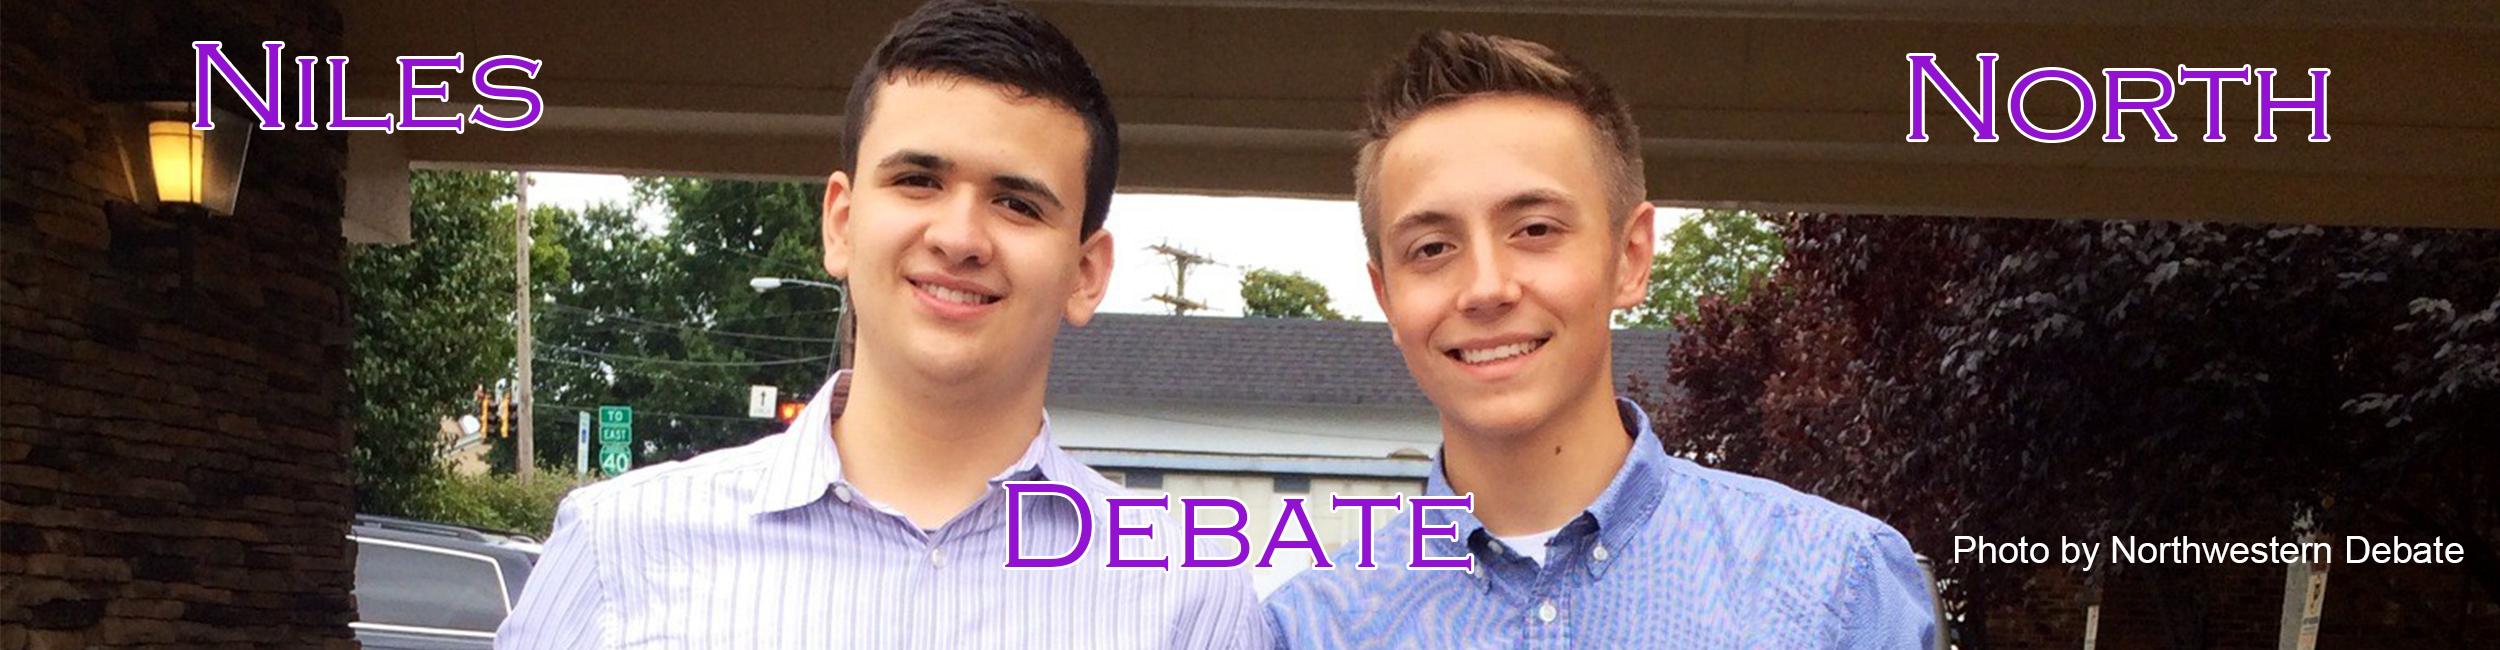 Stellar debate team? Can't argue that!